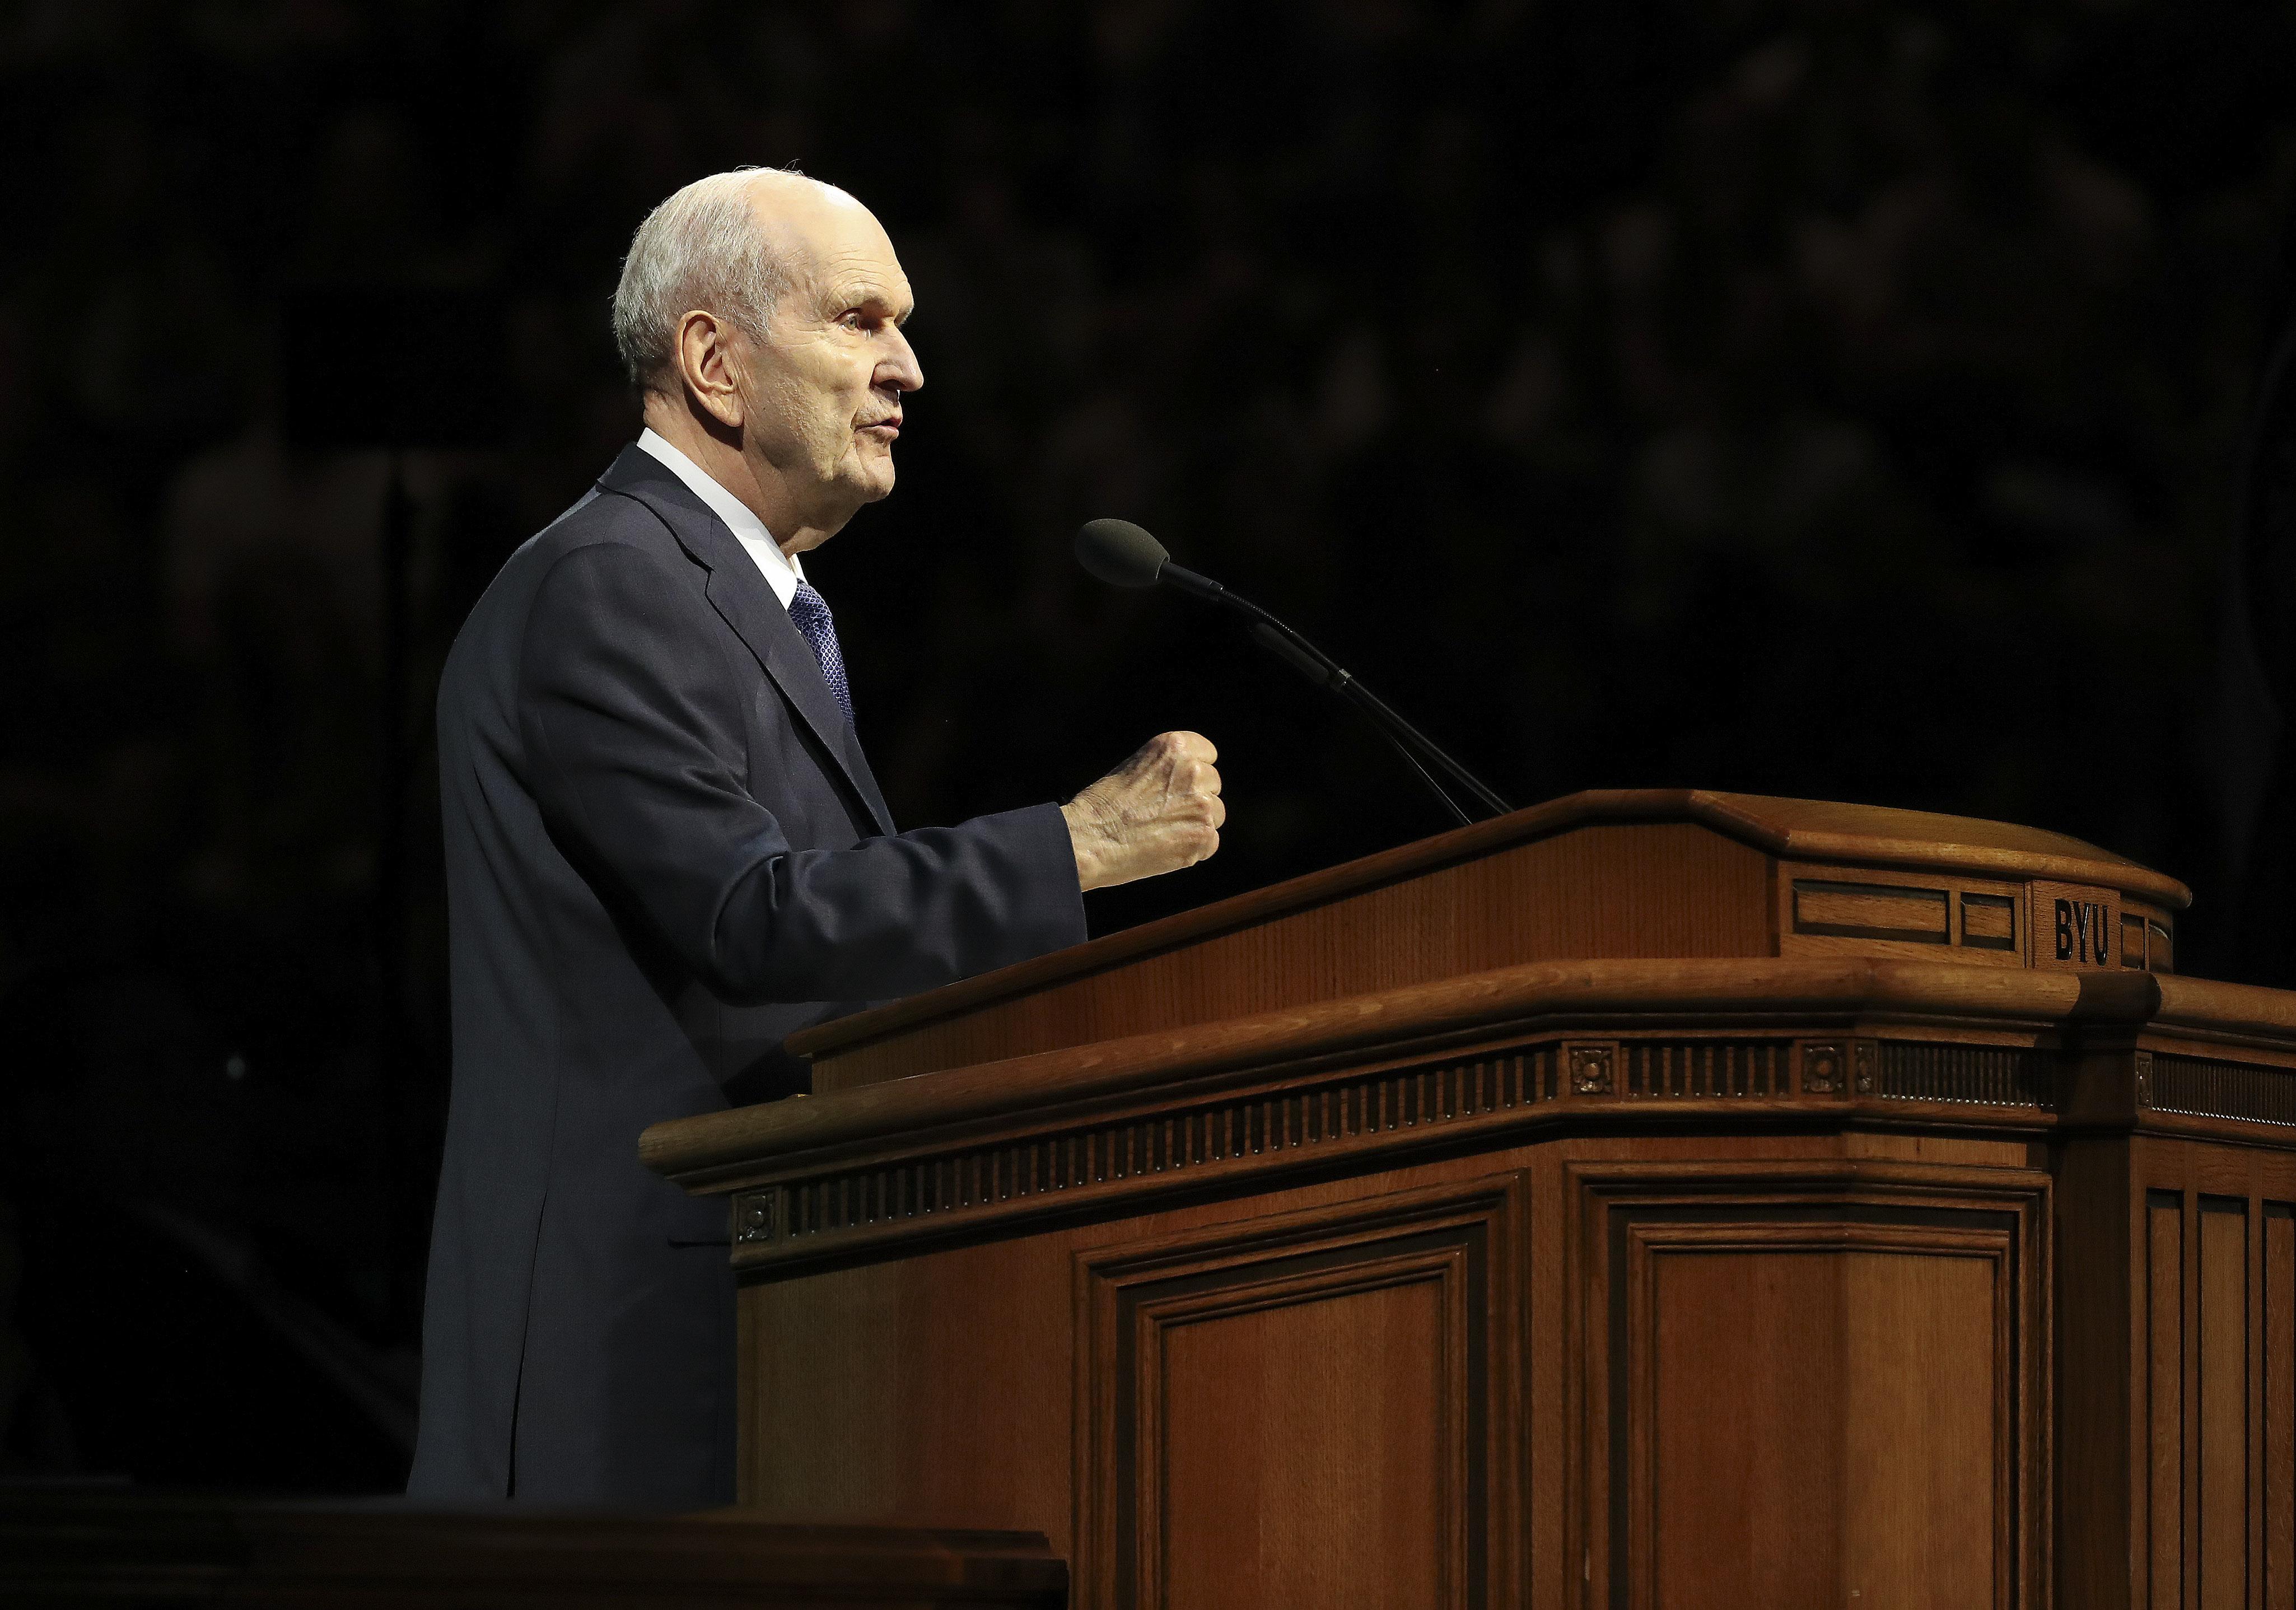 O presidente Russell M. Nelson, de A Igreja de Jesus Cristo dos Santos dos Últimos Dias, fala durante um devocional na Universidade Brigham Young University em Provo na terça-feira, 17 de setembro de 2019.